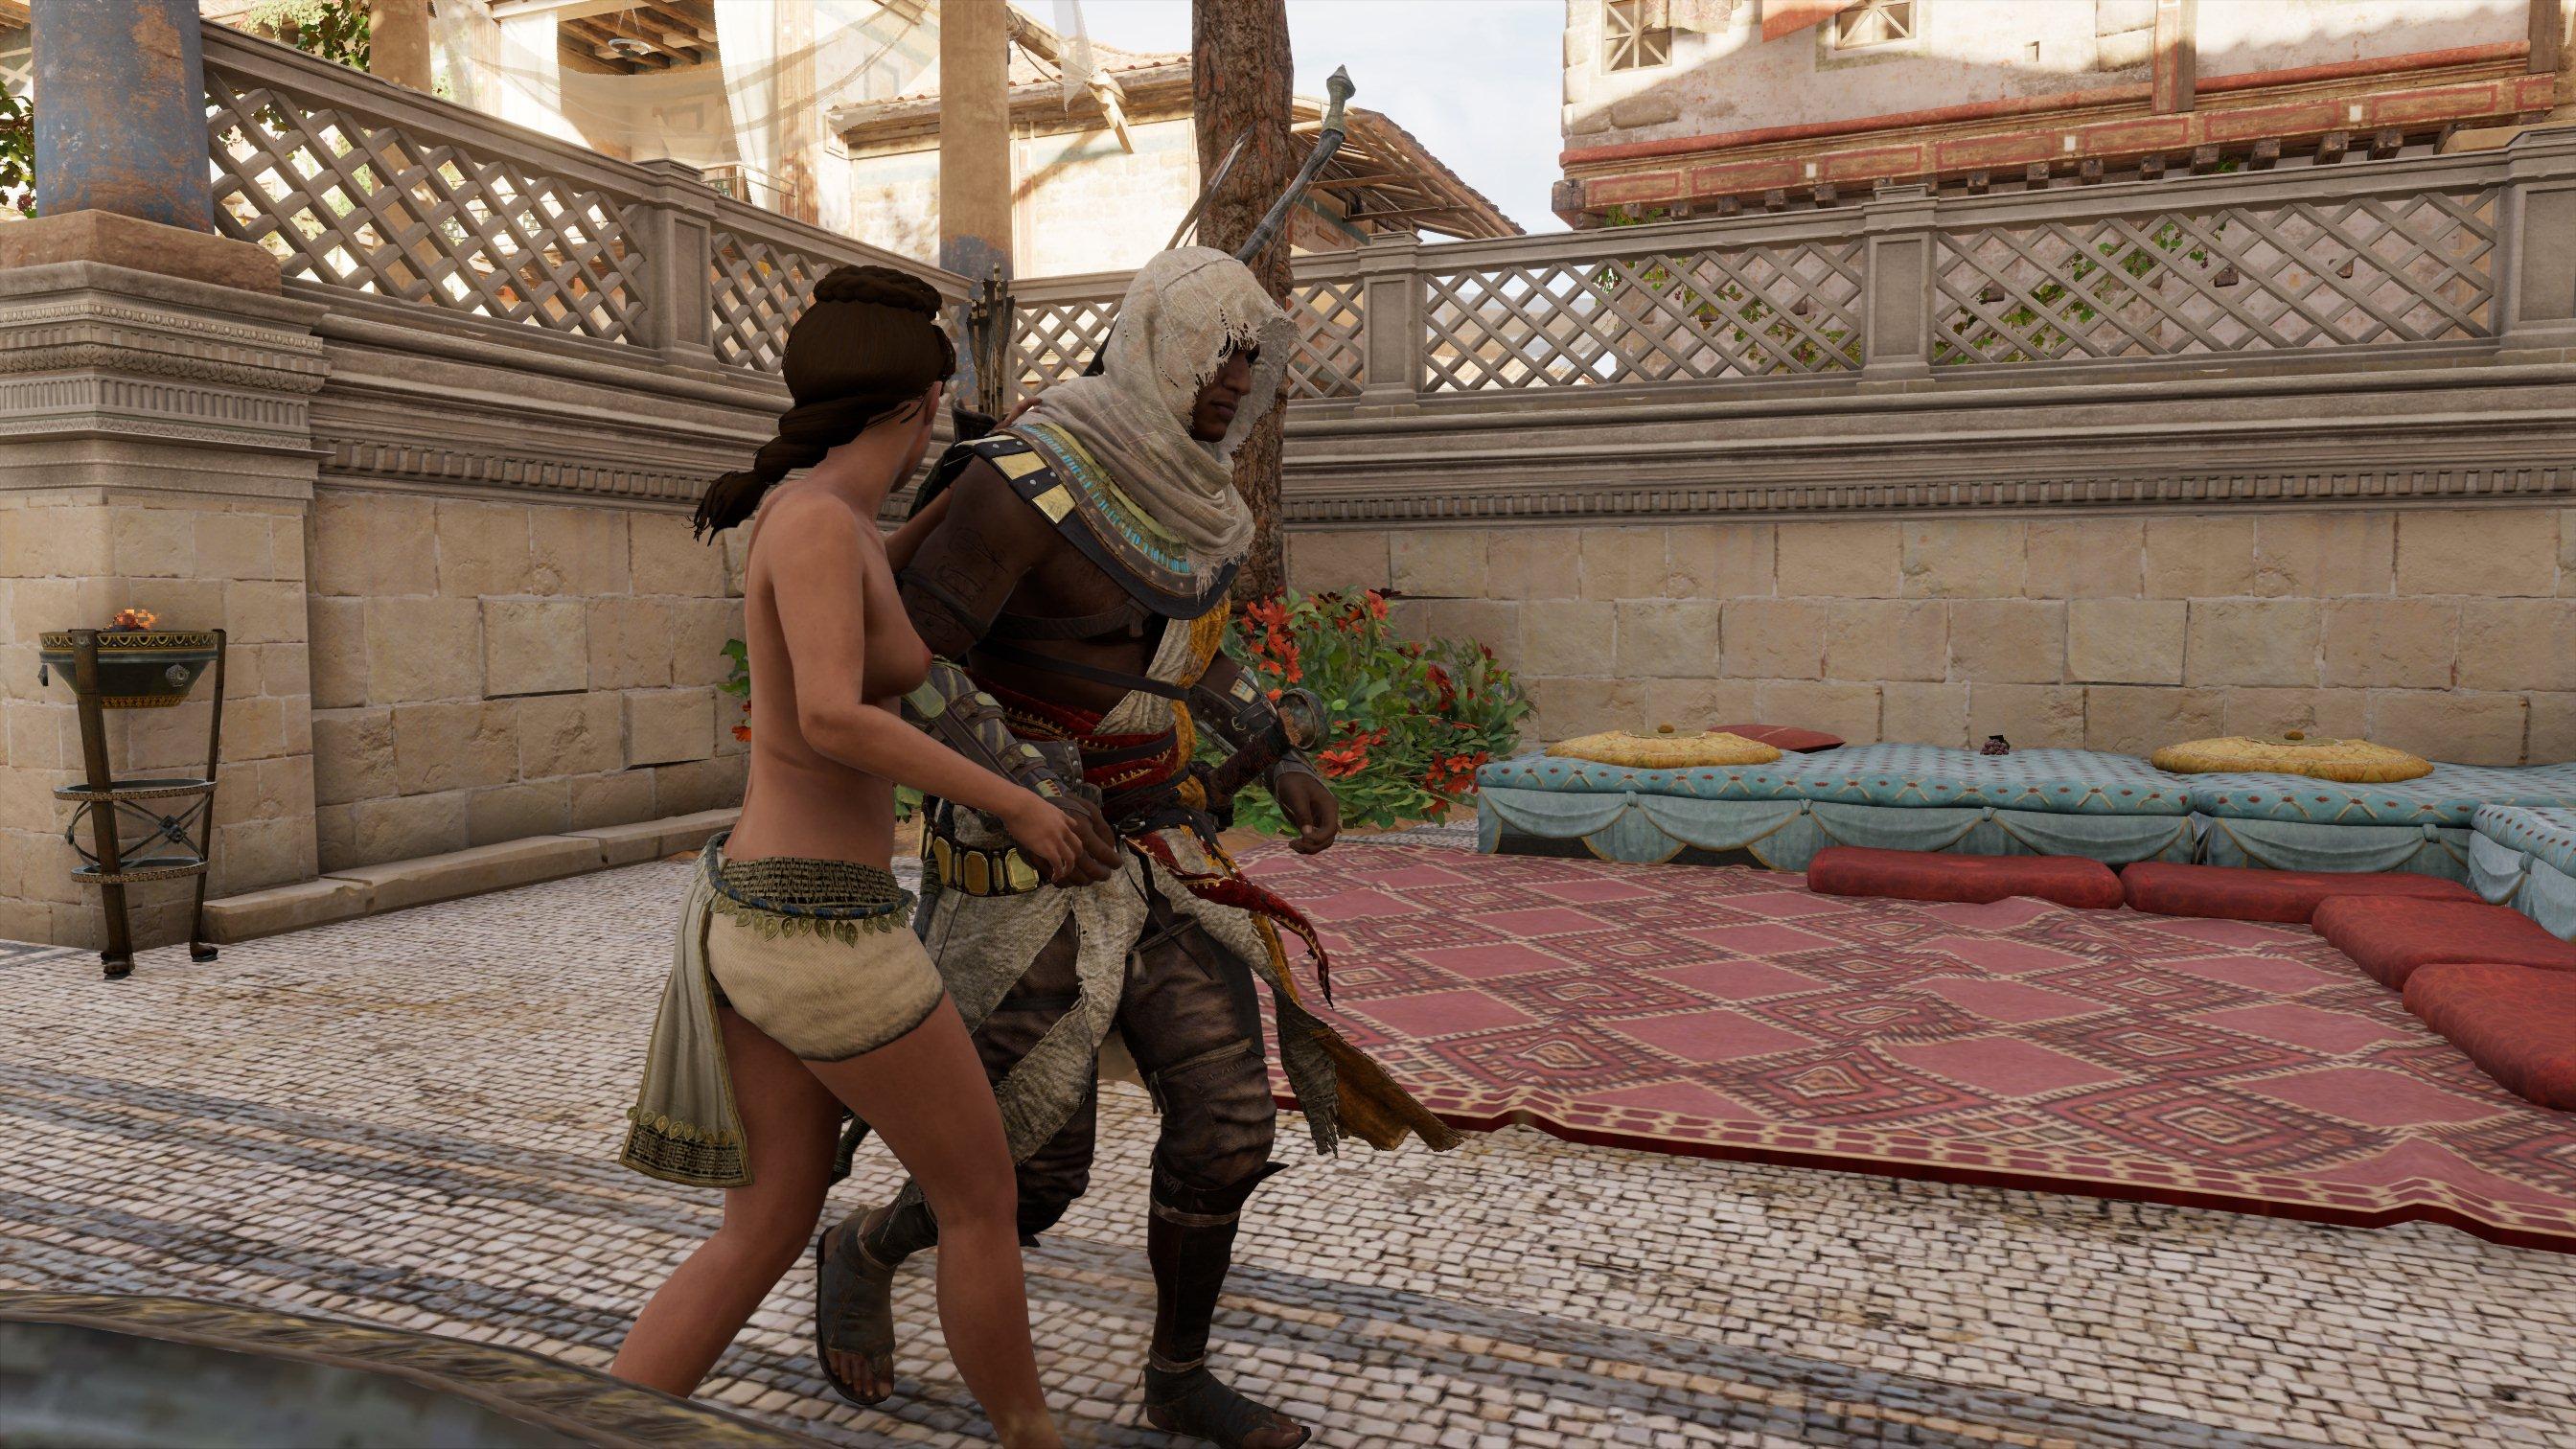 2017126220215.jpg - Assassin's Creed: Origins